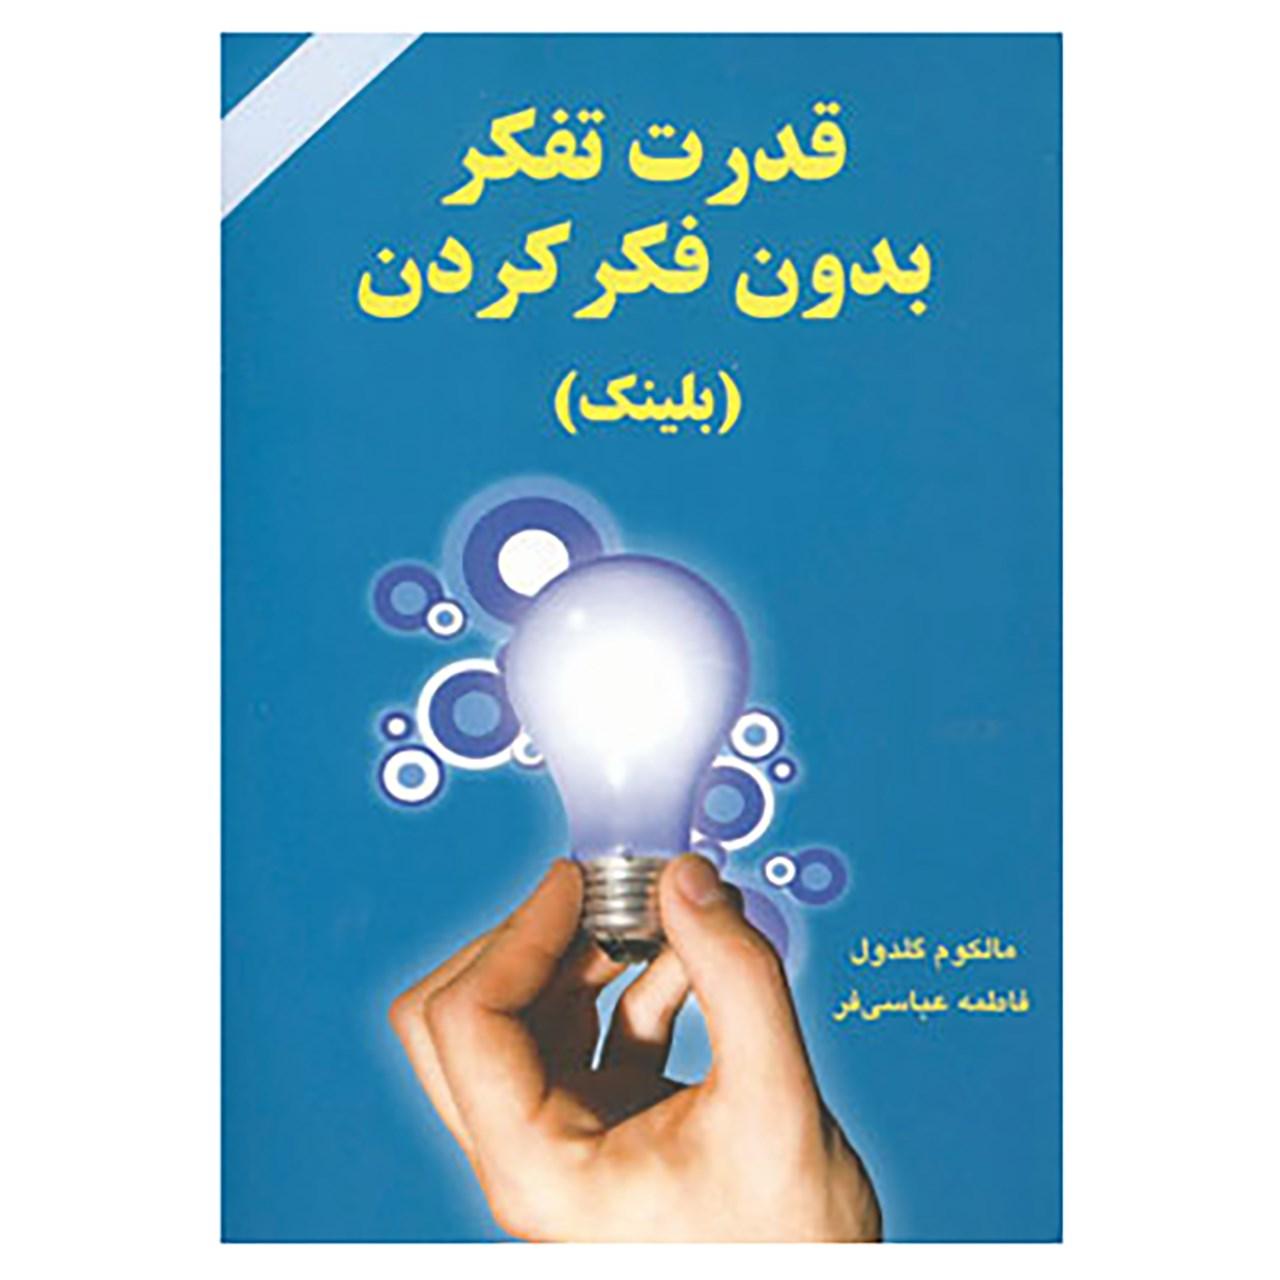 کتاب قدرت تفکر بدون فکر کردن اثر مالکوم گلدول